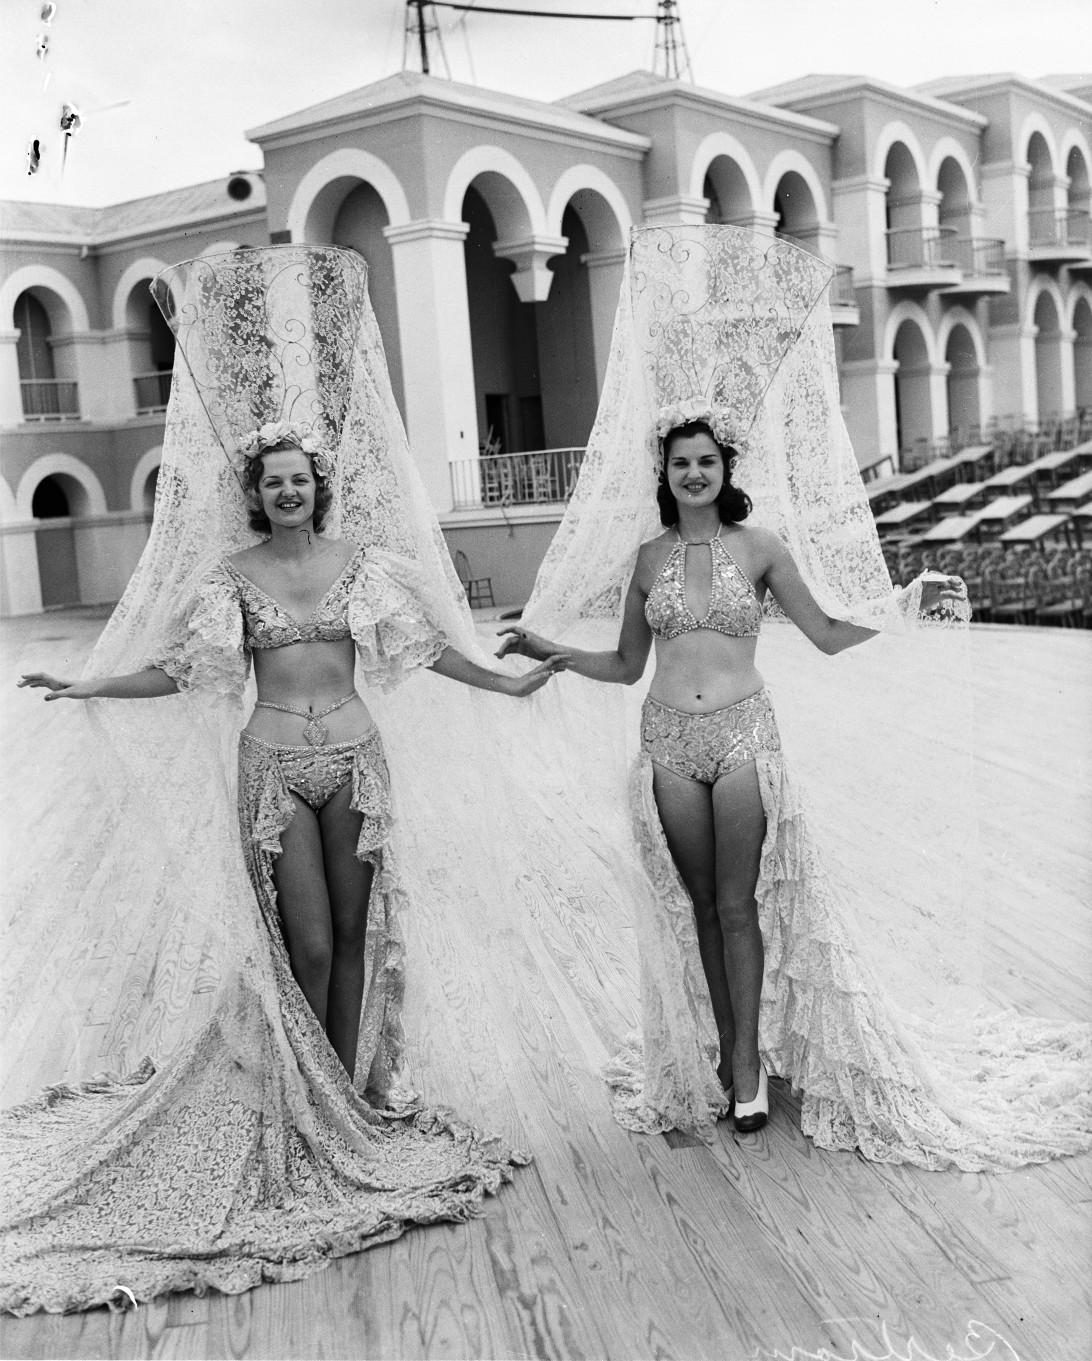 women in costume   10011684.jpg